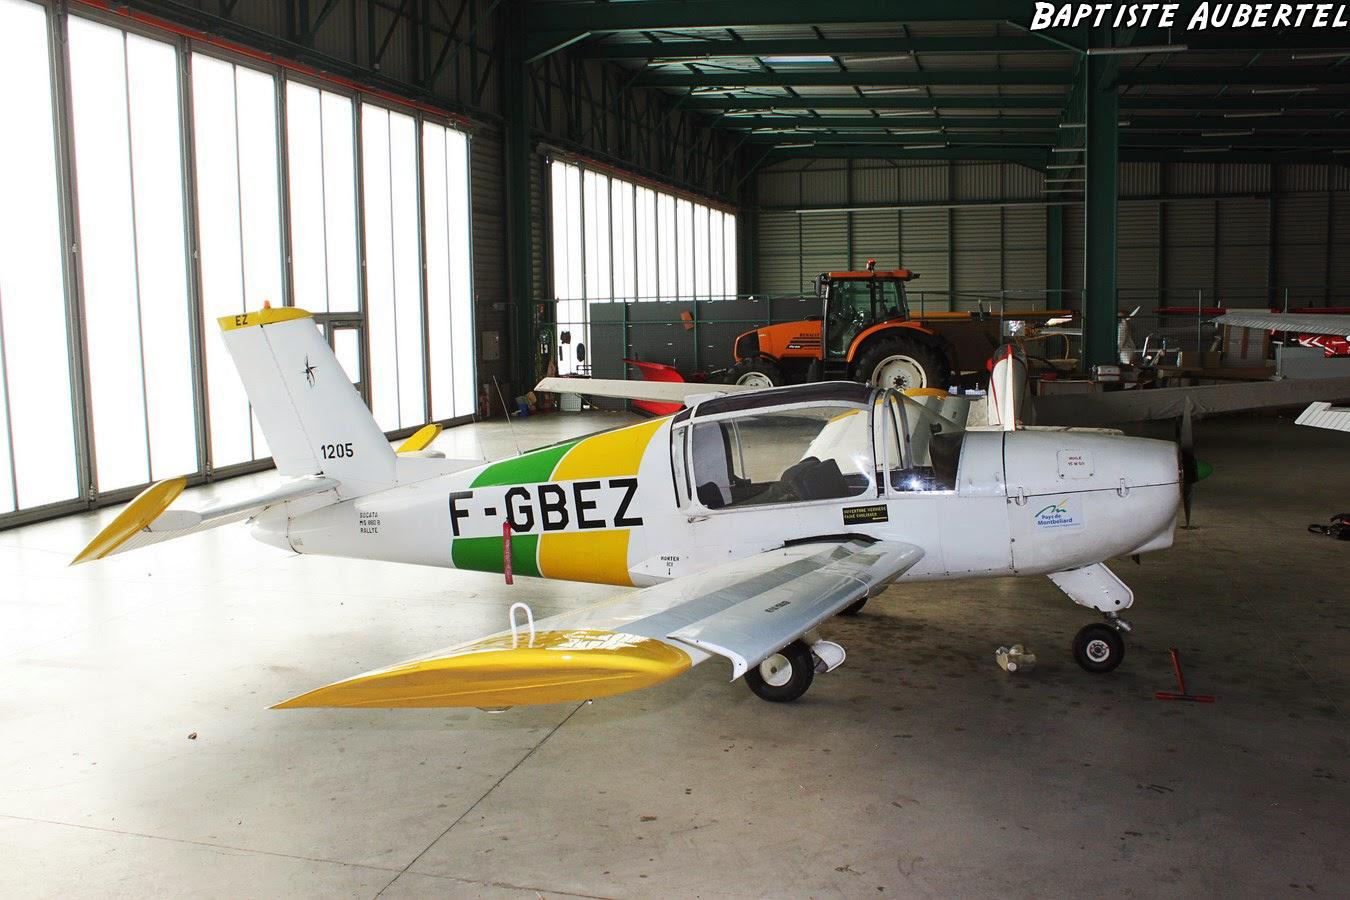 Eole Air Passion montbéliard Ecole de pilotage